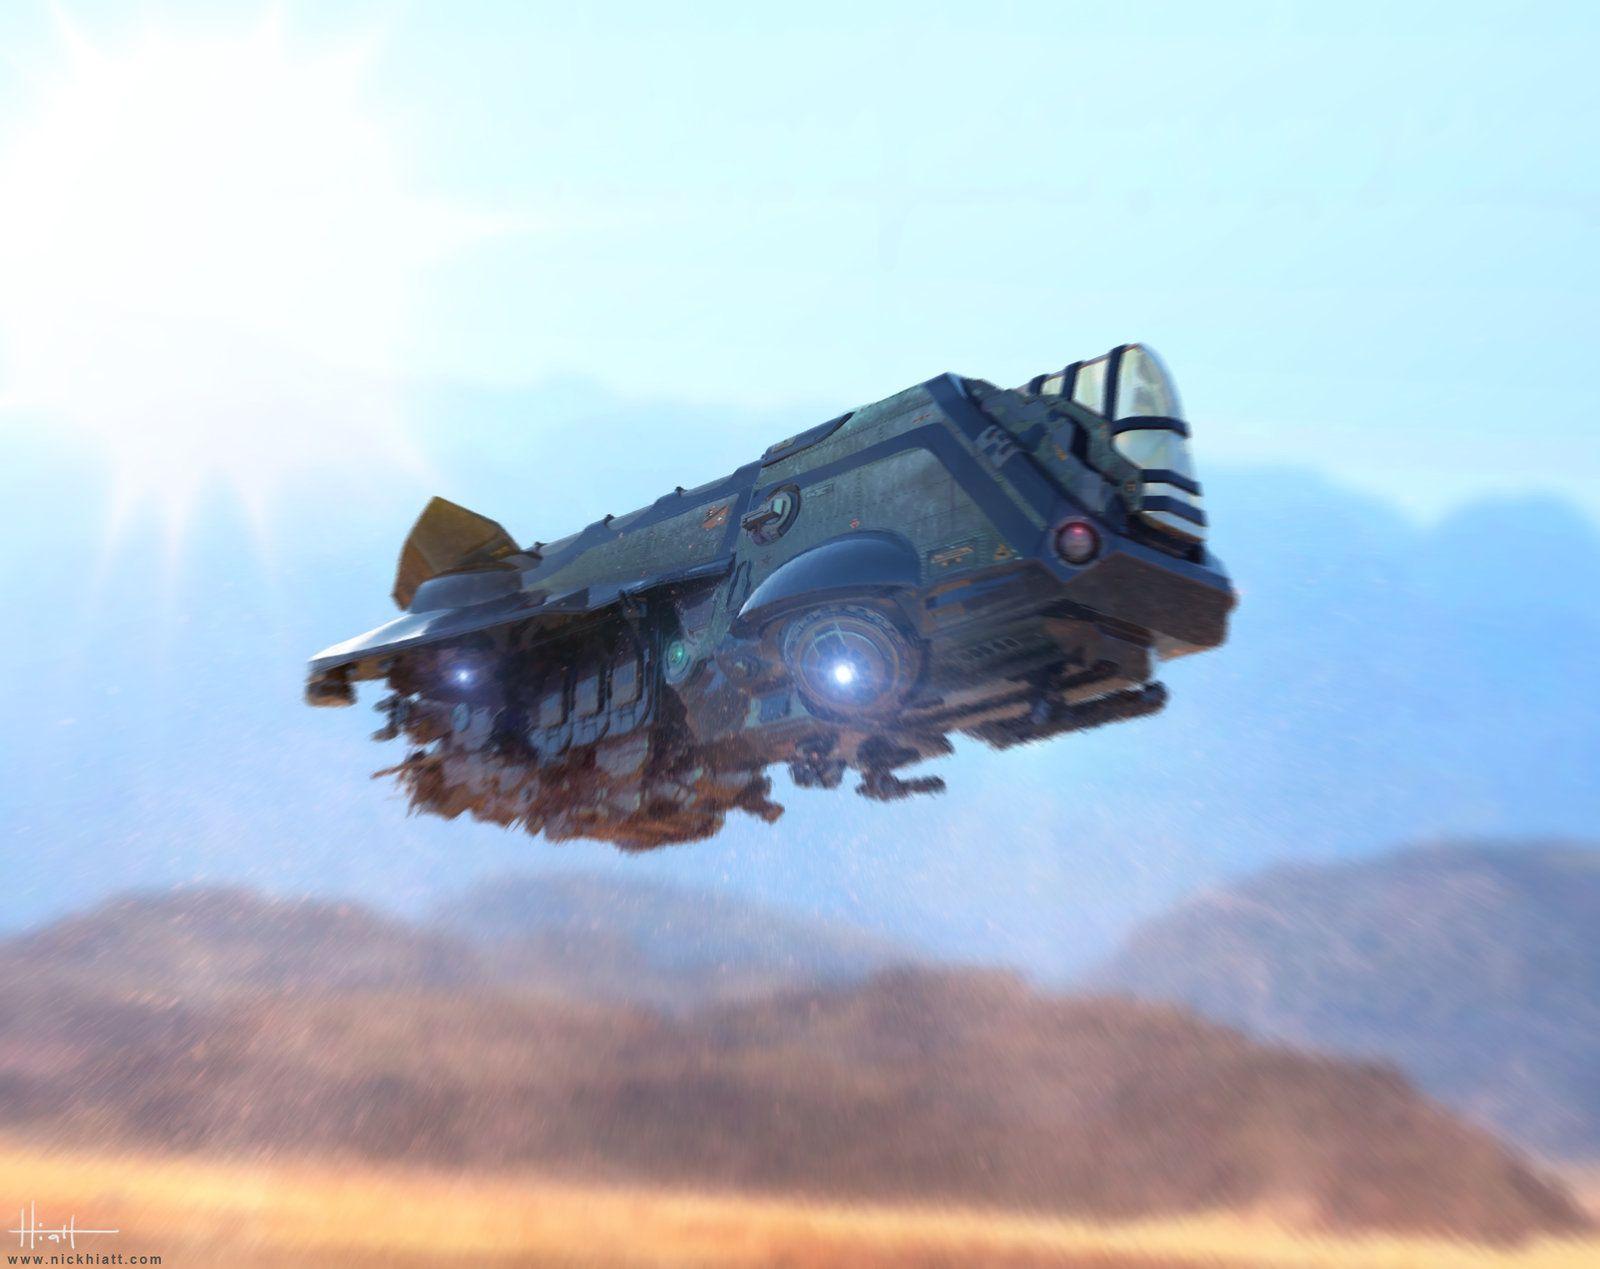 Space Ship Concept, Nick Hiatt on ArtStation at https://www.artstation.com/artwork/space-ship-concept-df4709f2-d823-4d66-916d-292263fa8e3e